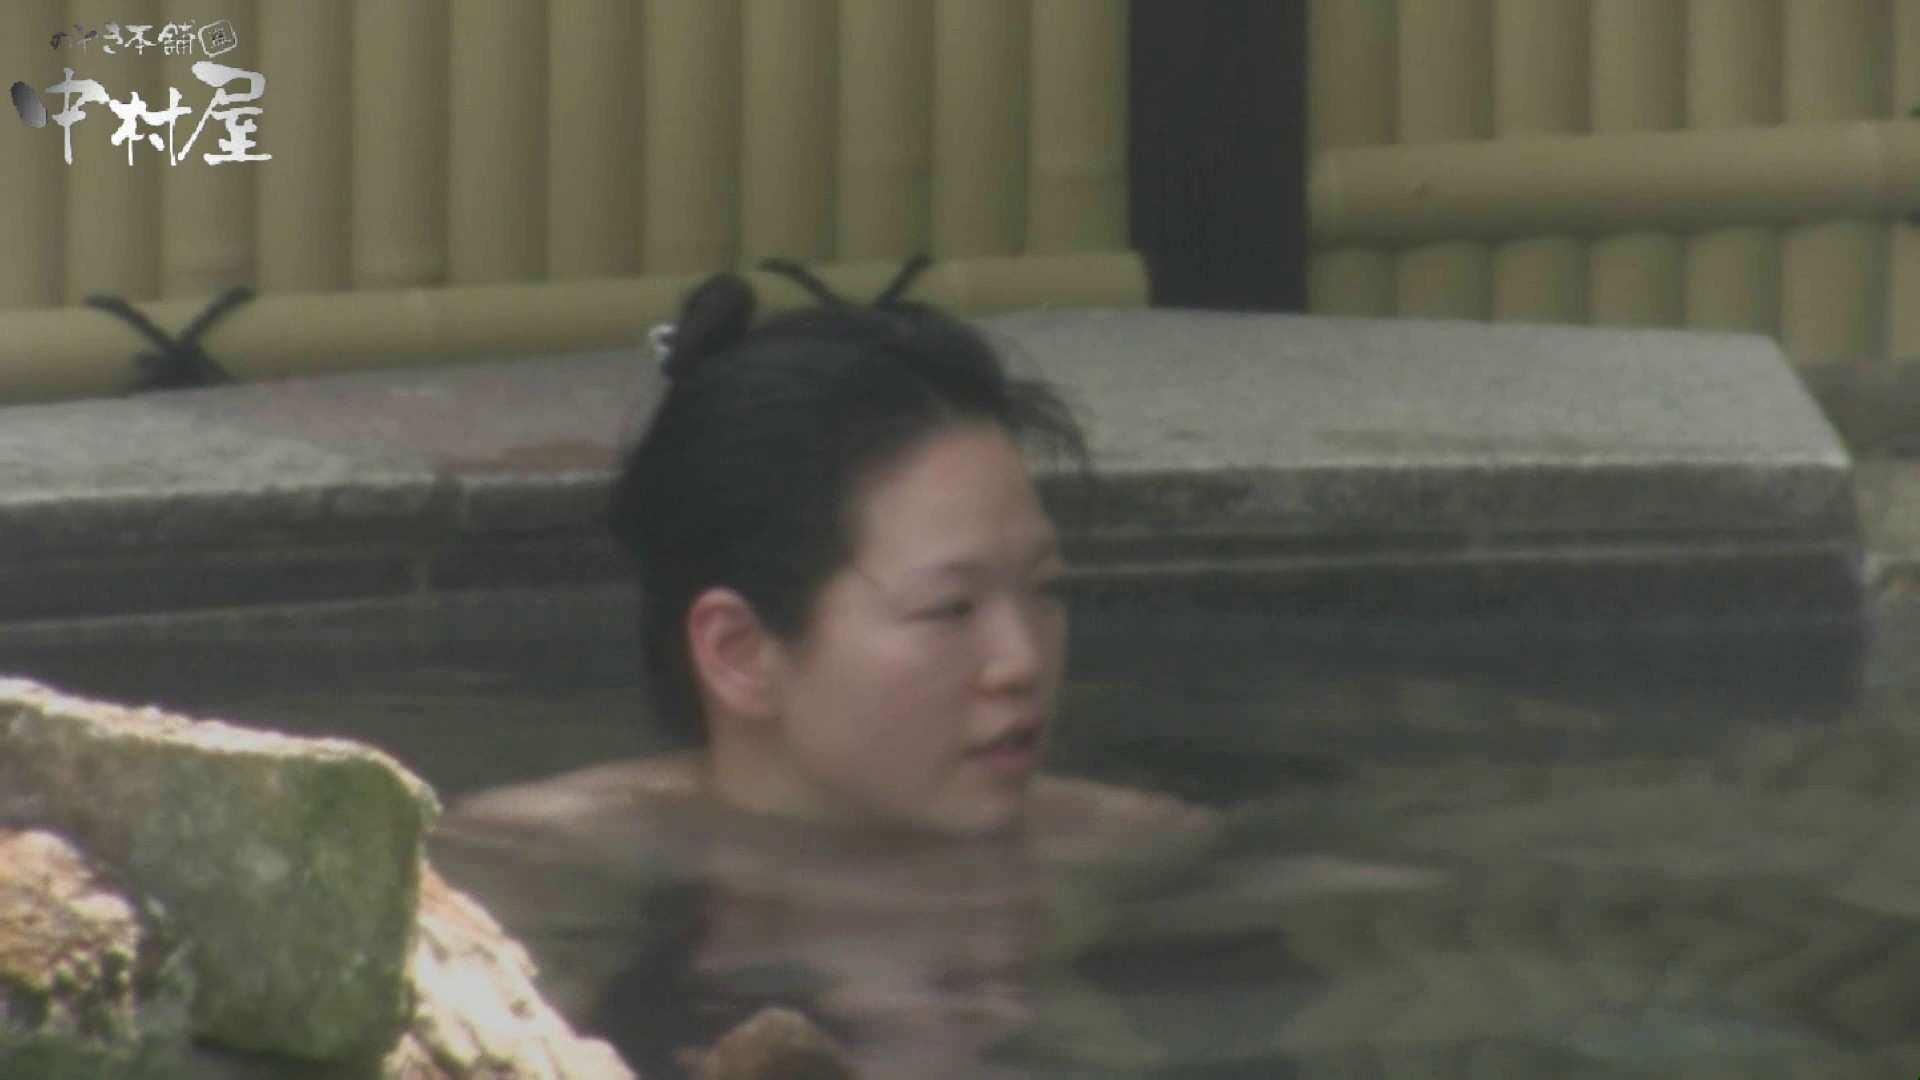 Aquaな露天風呂Vol.927 盗撮師作品 ぱこり動画紹介 87pic 47